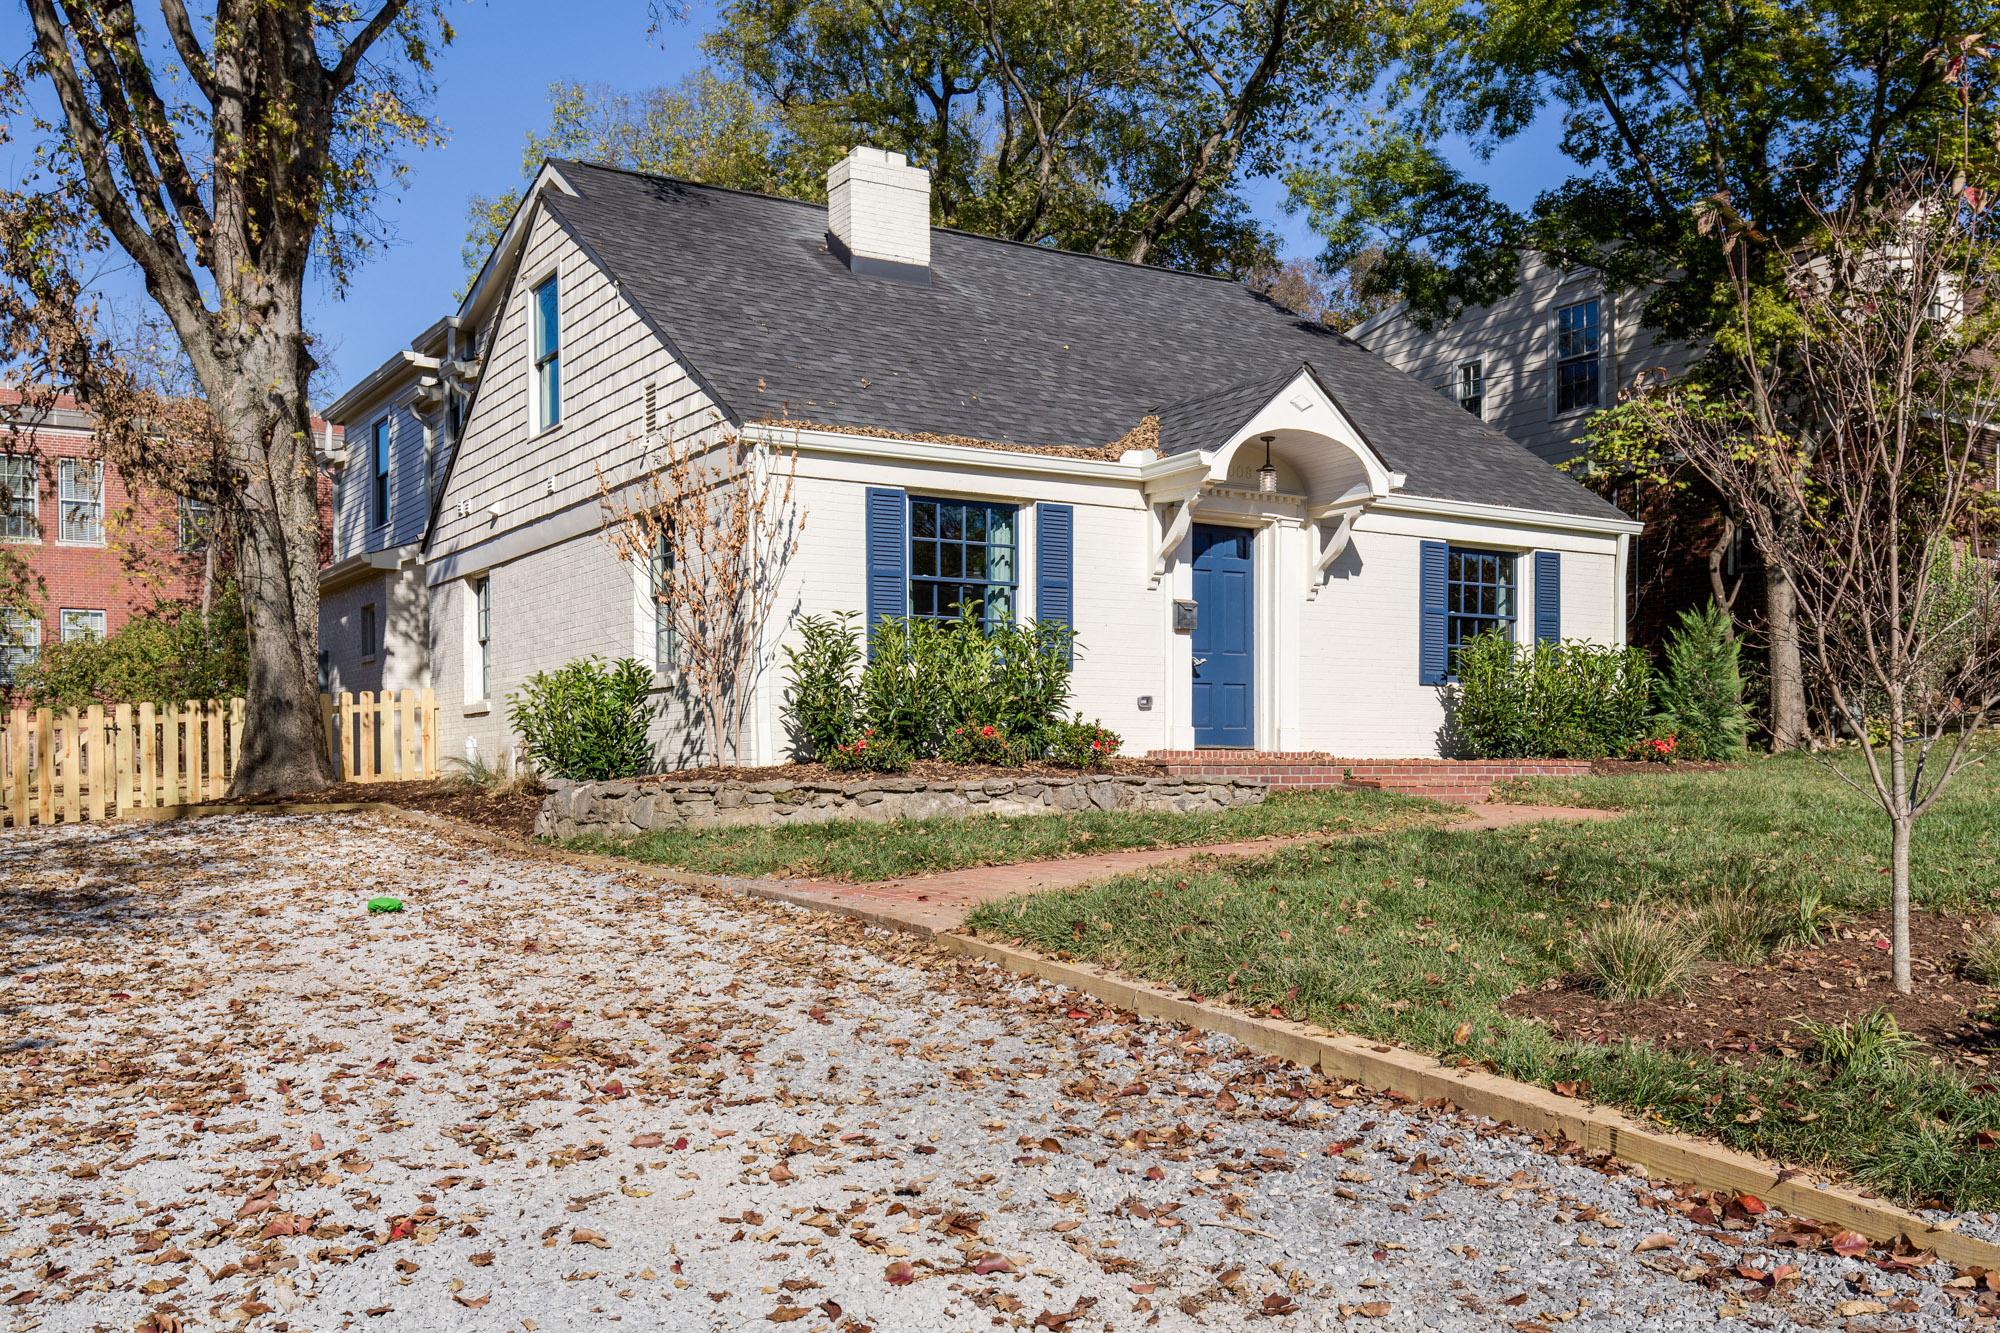 nashville-home-remodel-renovation-custom-home-tennessee-britt-development-group-1002.jpg